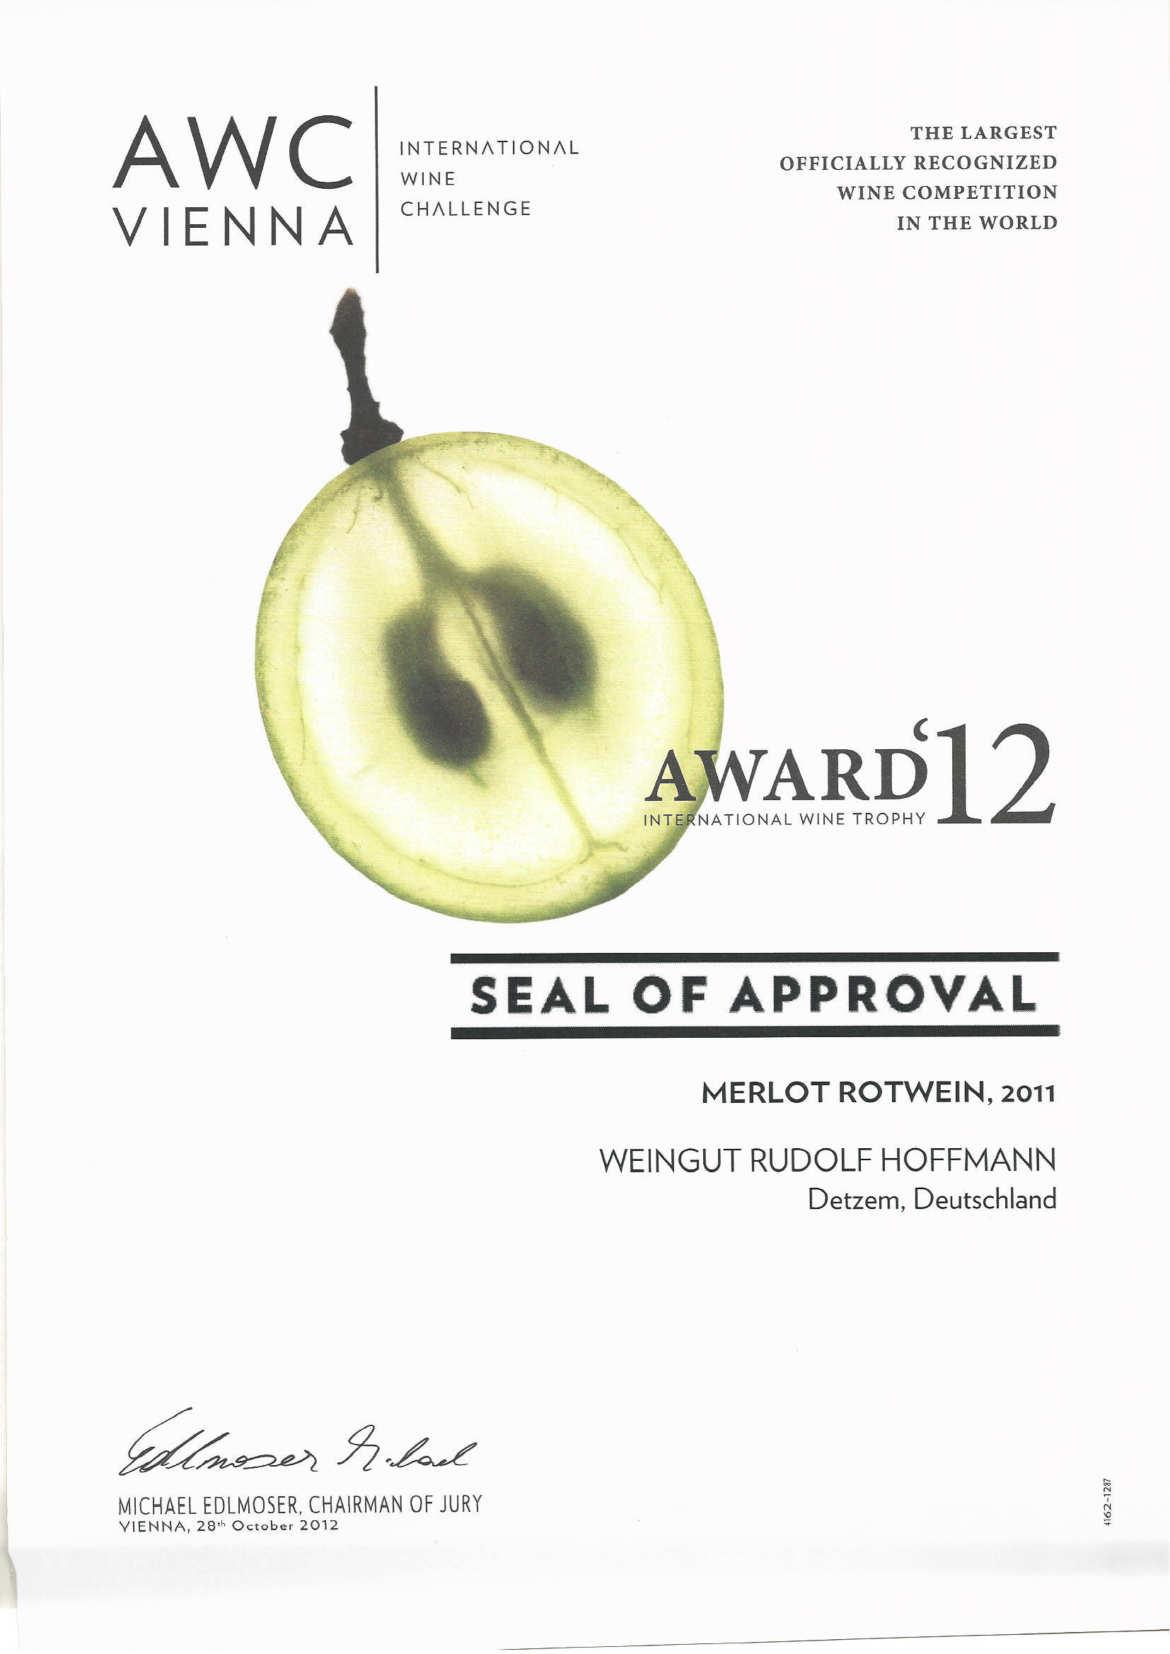 Merlot_Rotwein_2011_SealOfApproval_2012.jpg